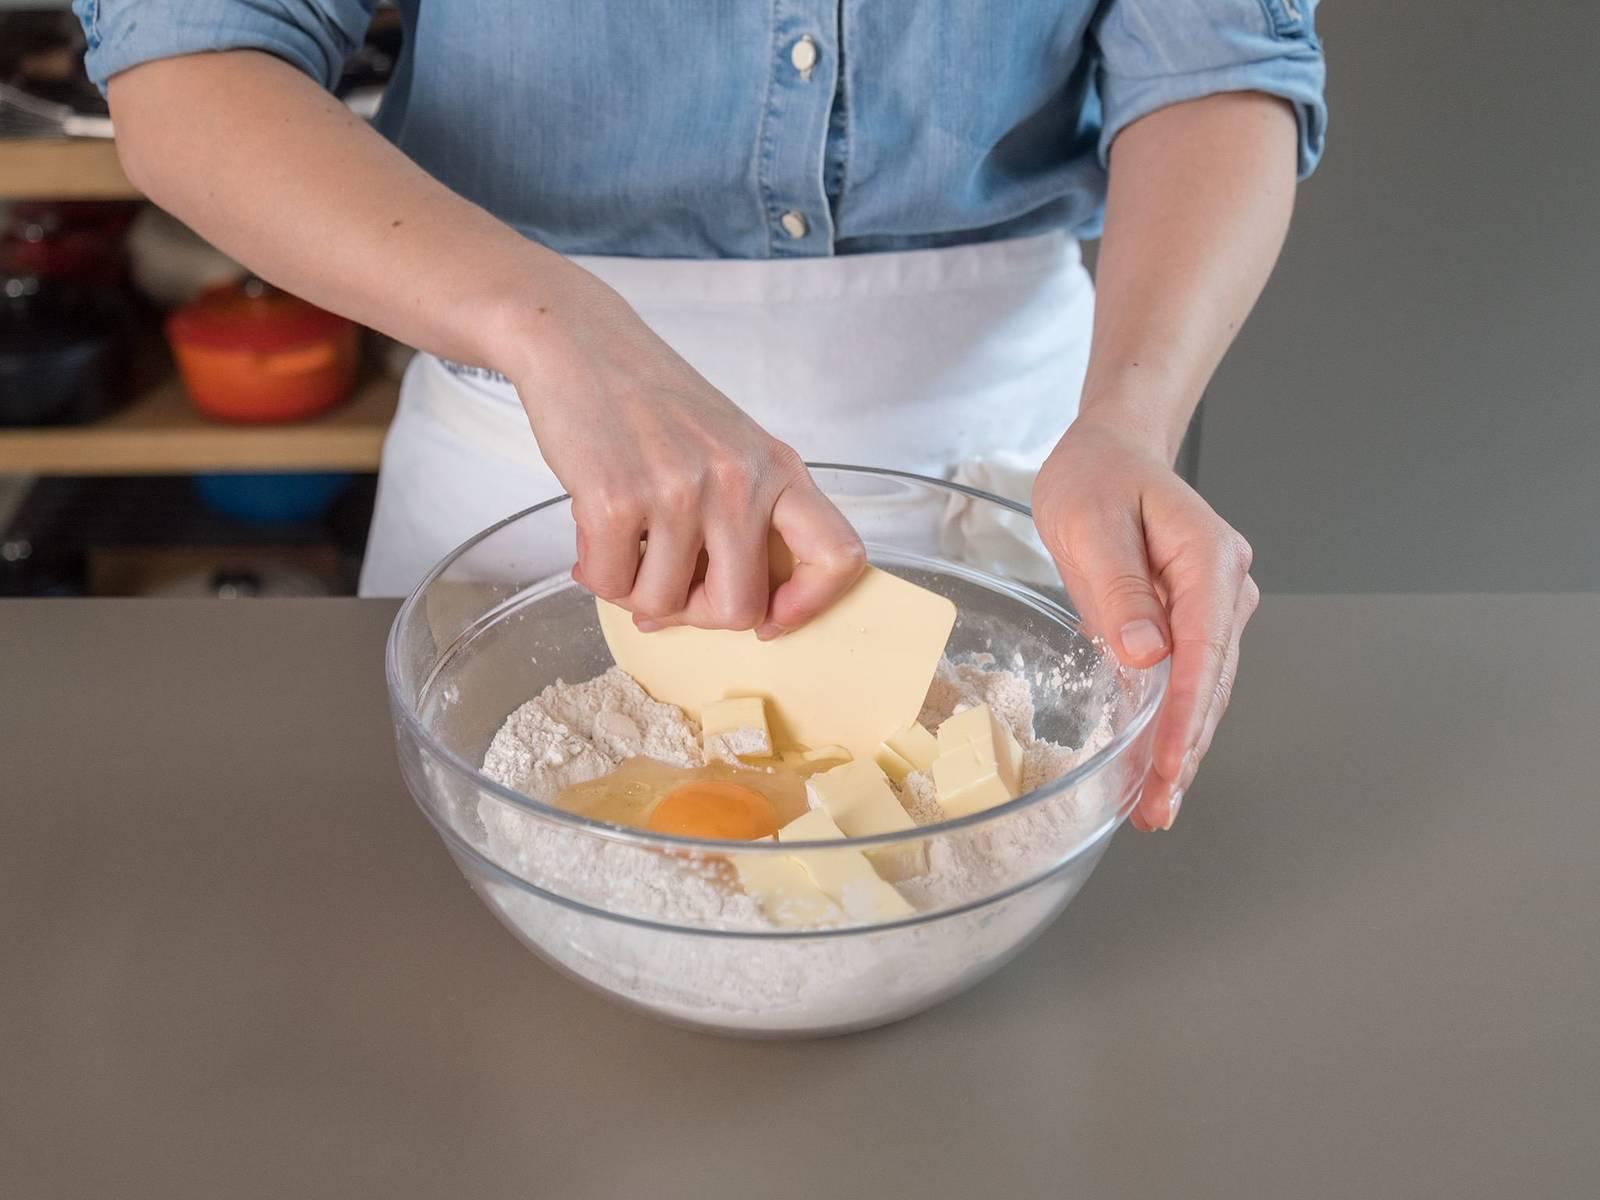 Mehl, Maisstärke, Salz und Xanthan in einer großen Schüssel vermengen. Eier und Butter nach und nach hinein kneten, bis ein elastischer Teig einsteht. Zu einer Kugel formen, mit Frischhaltefolie umwickeln und für ca. 30 Min. in den Kühlschrank stellen.